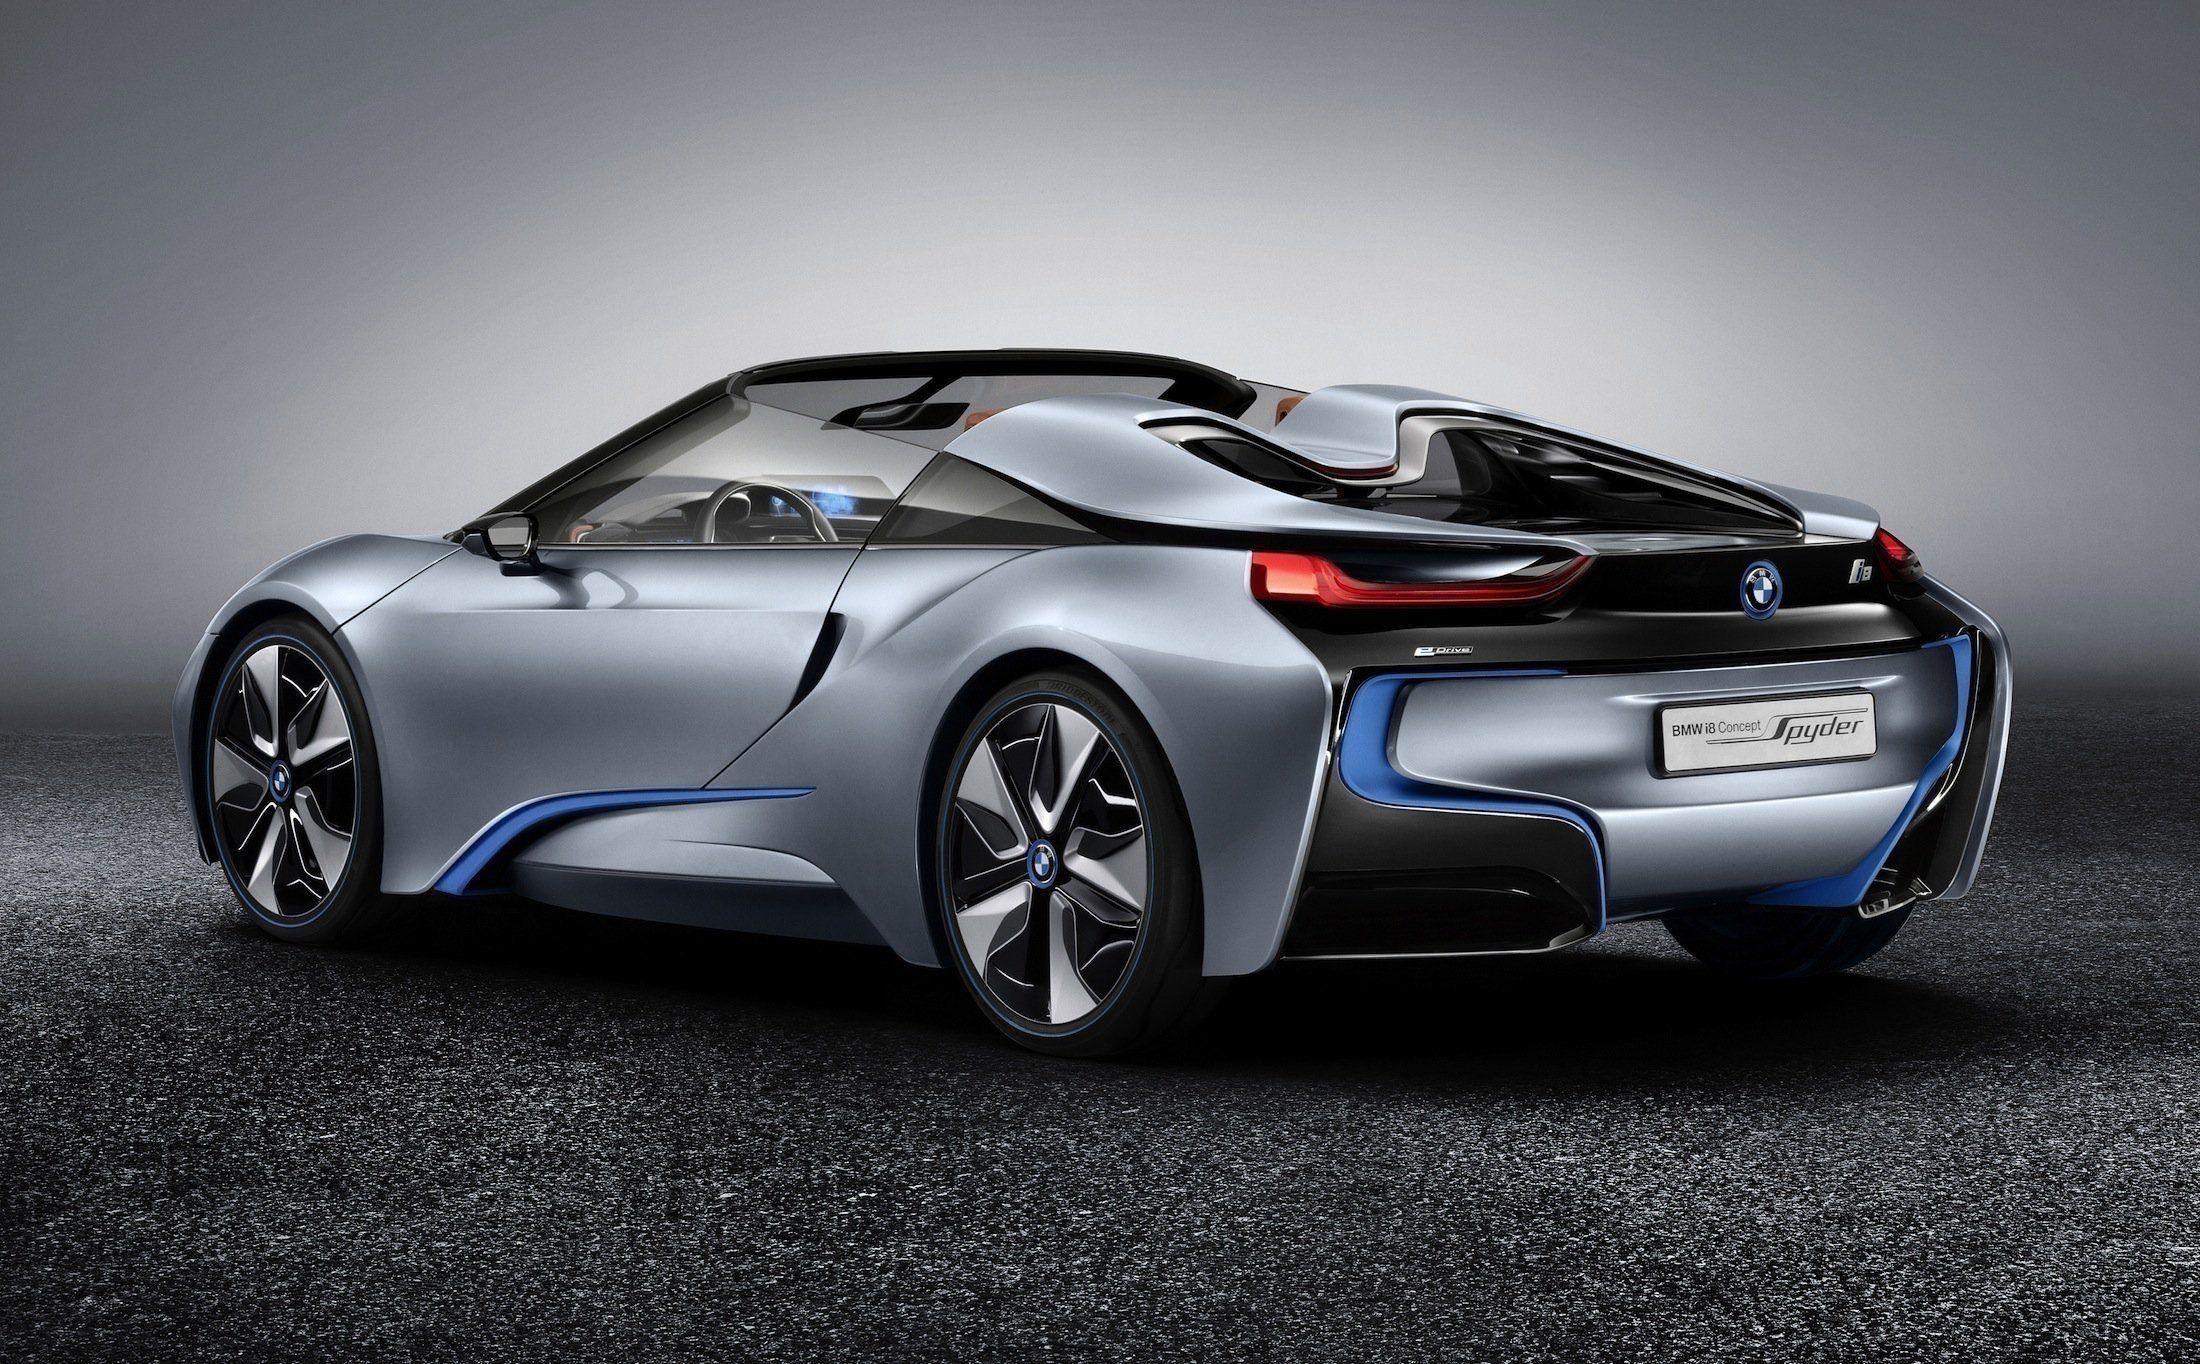 Best 2019 Bmw I9 First Drive Car Price 2019 Bmw I8 Bmw Bmw Concept Car